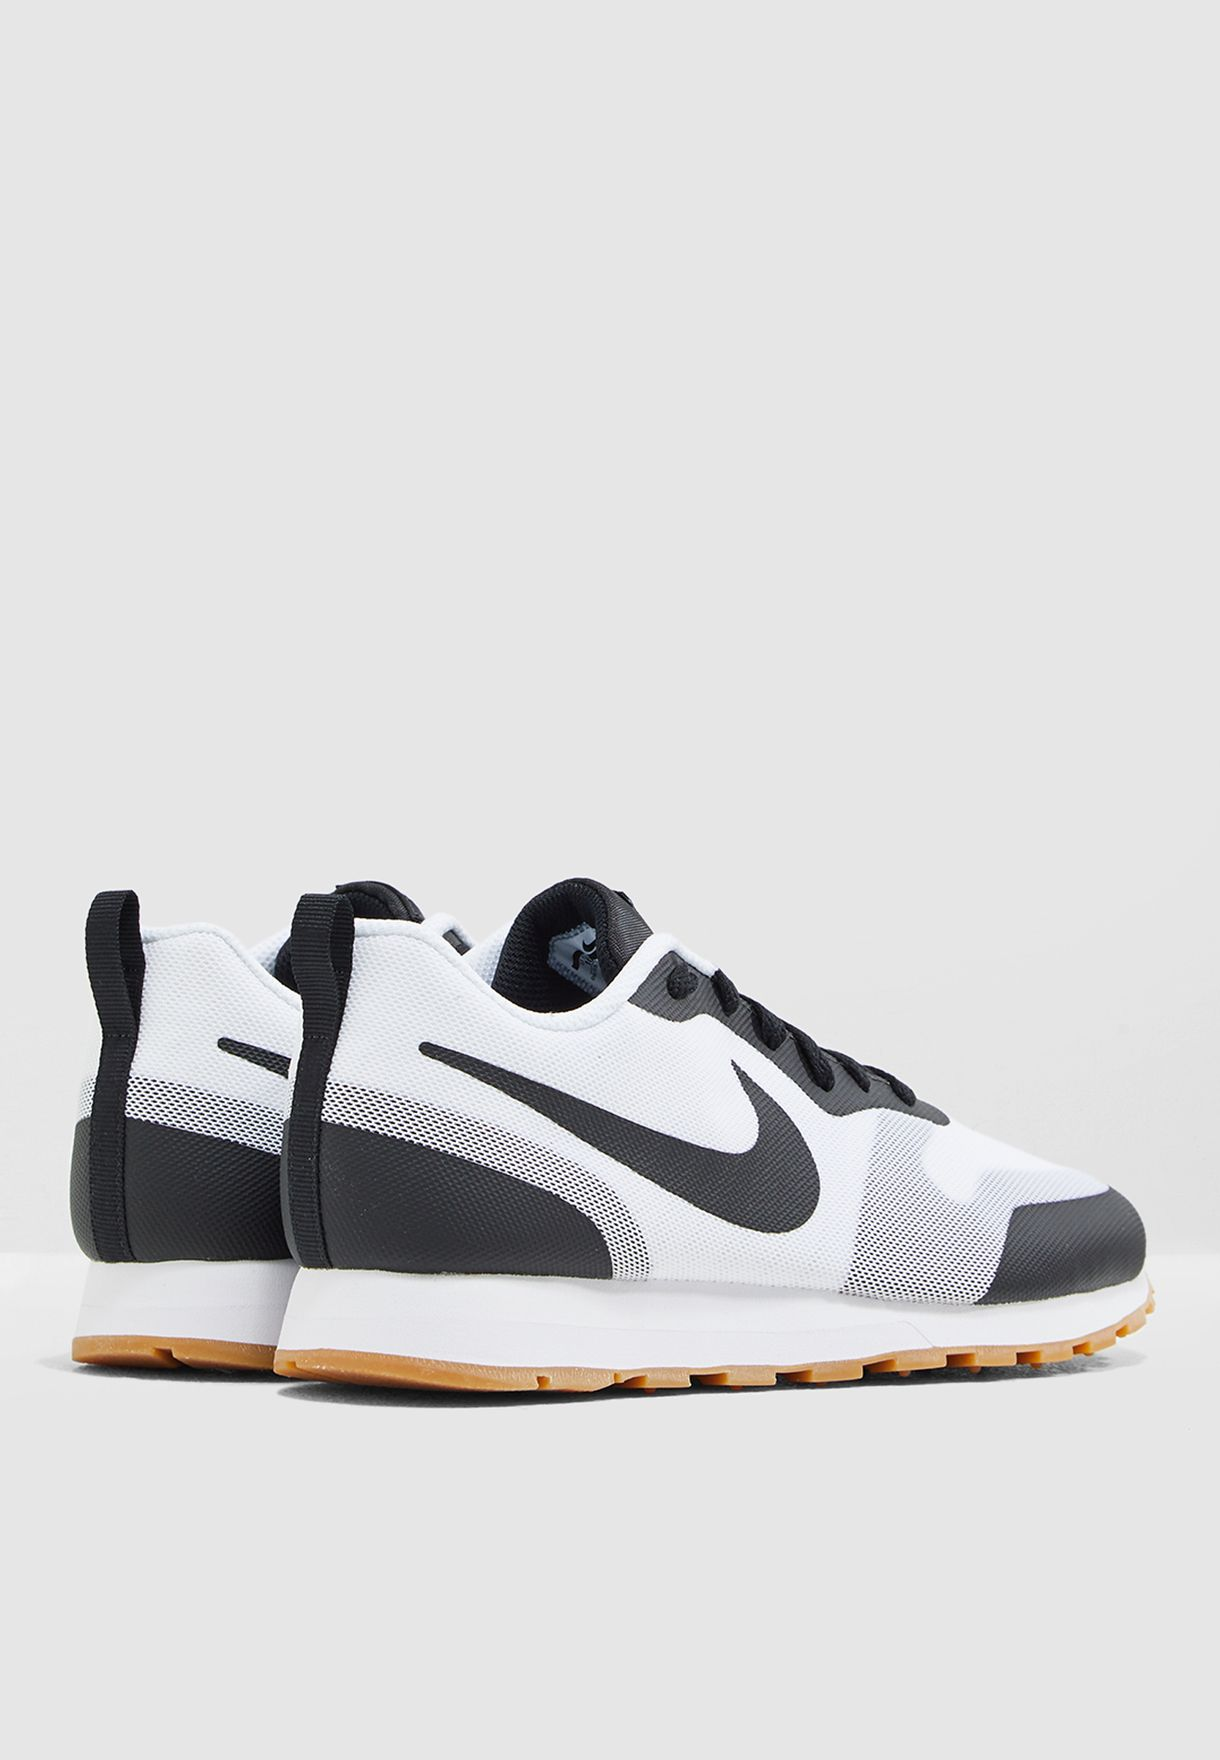 espiral bolsillo Cartero  Buy Nike monochrome MD Runner 2 19 for Men in MENA, Worldwide | AO0265-100